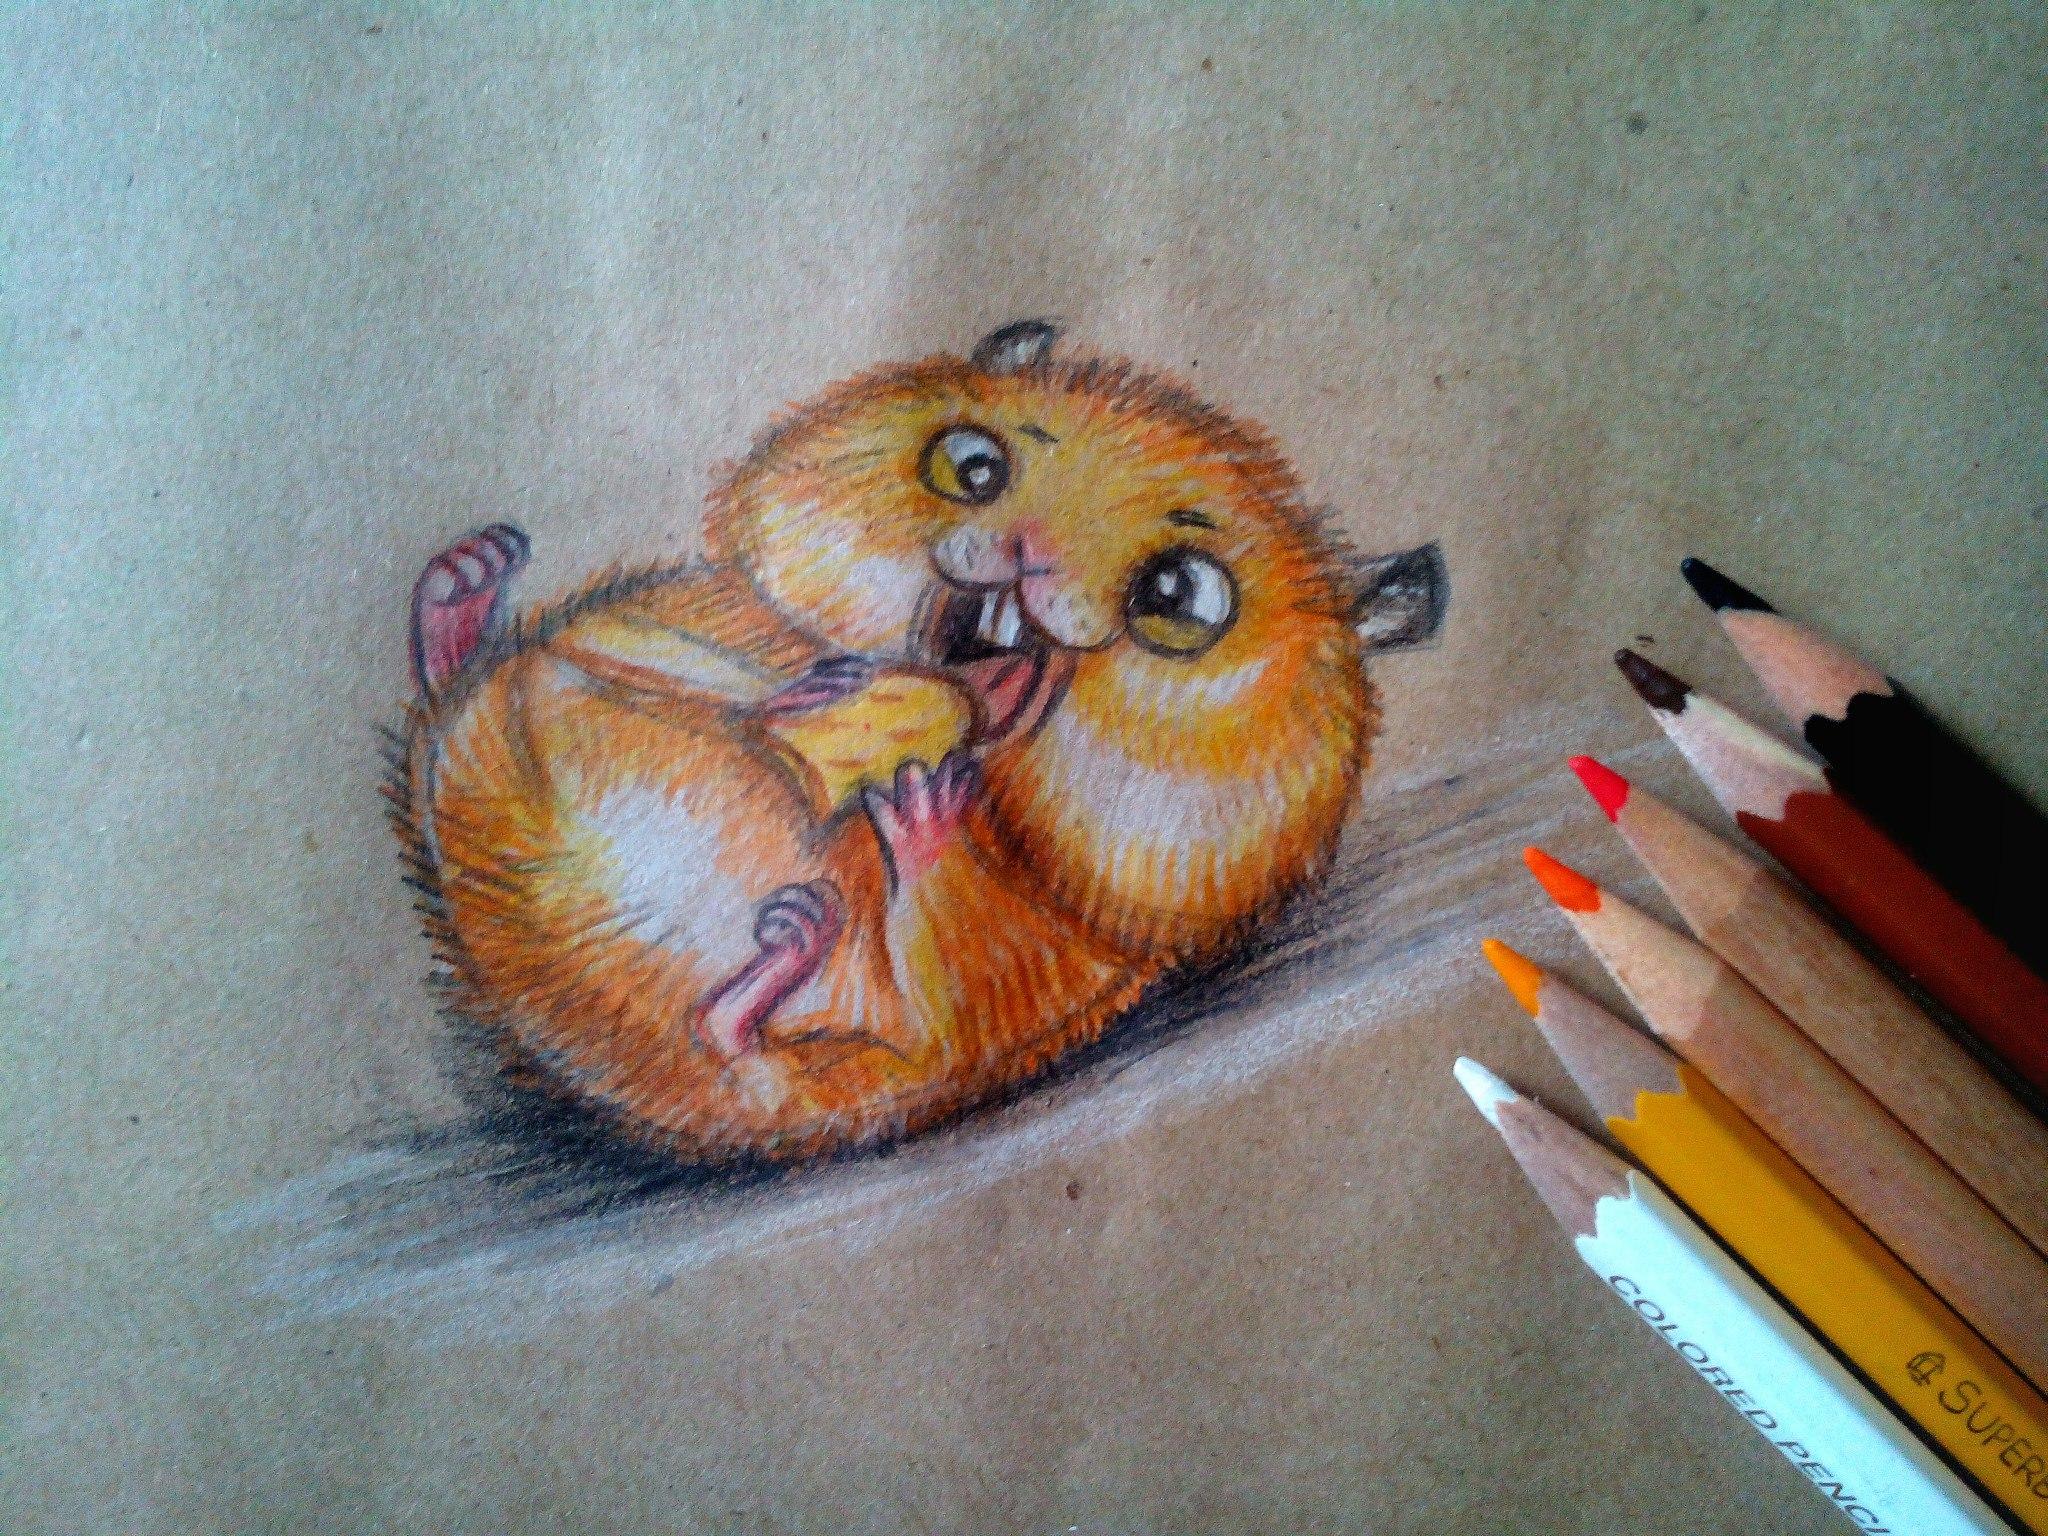 псевдоэрозия красивые картинки своими руками нарисовать цветными карандашами переводится айнского языка